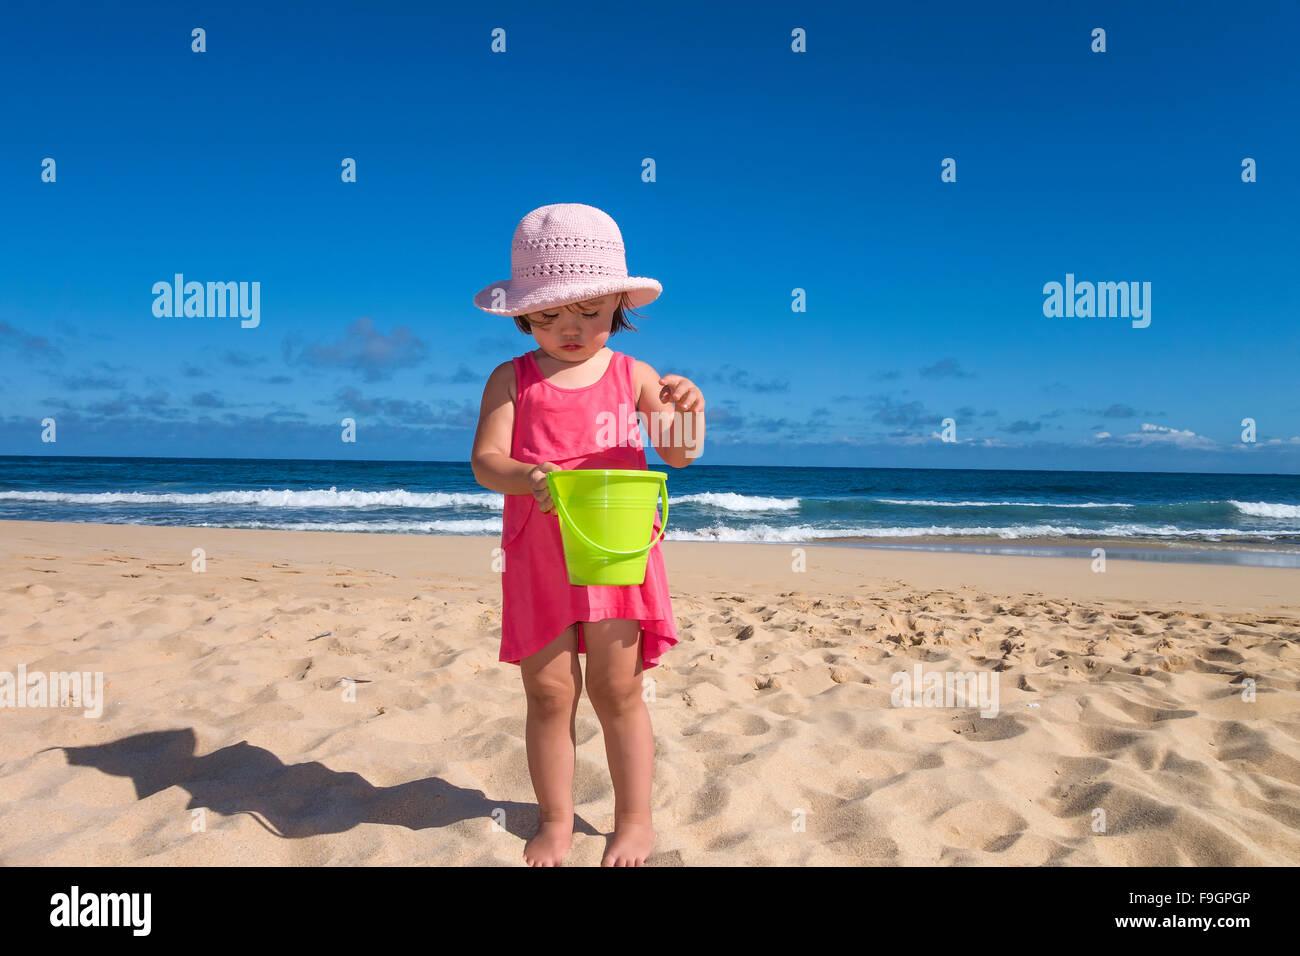 Il Toddler ragazza con una benna di verde in spiaggia, isola di Kauai Immagini Stock